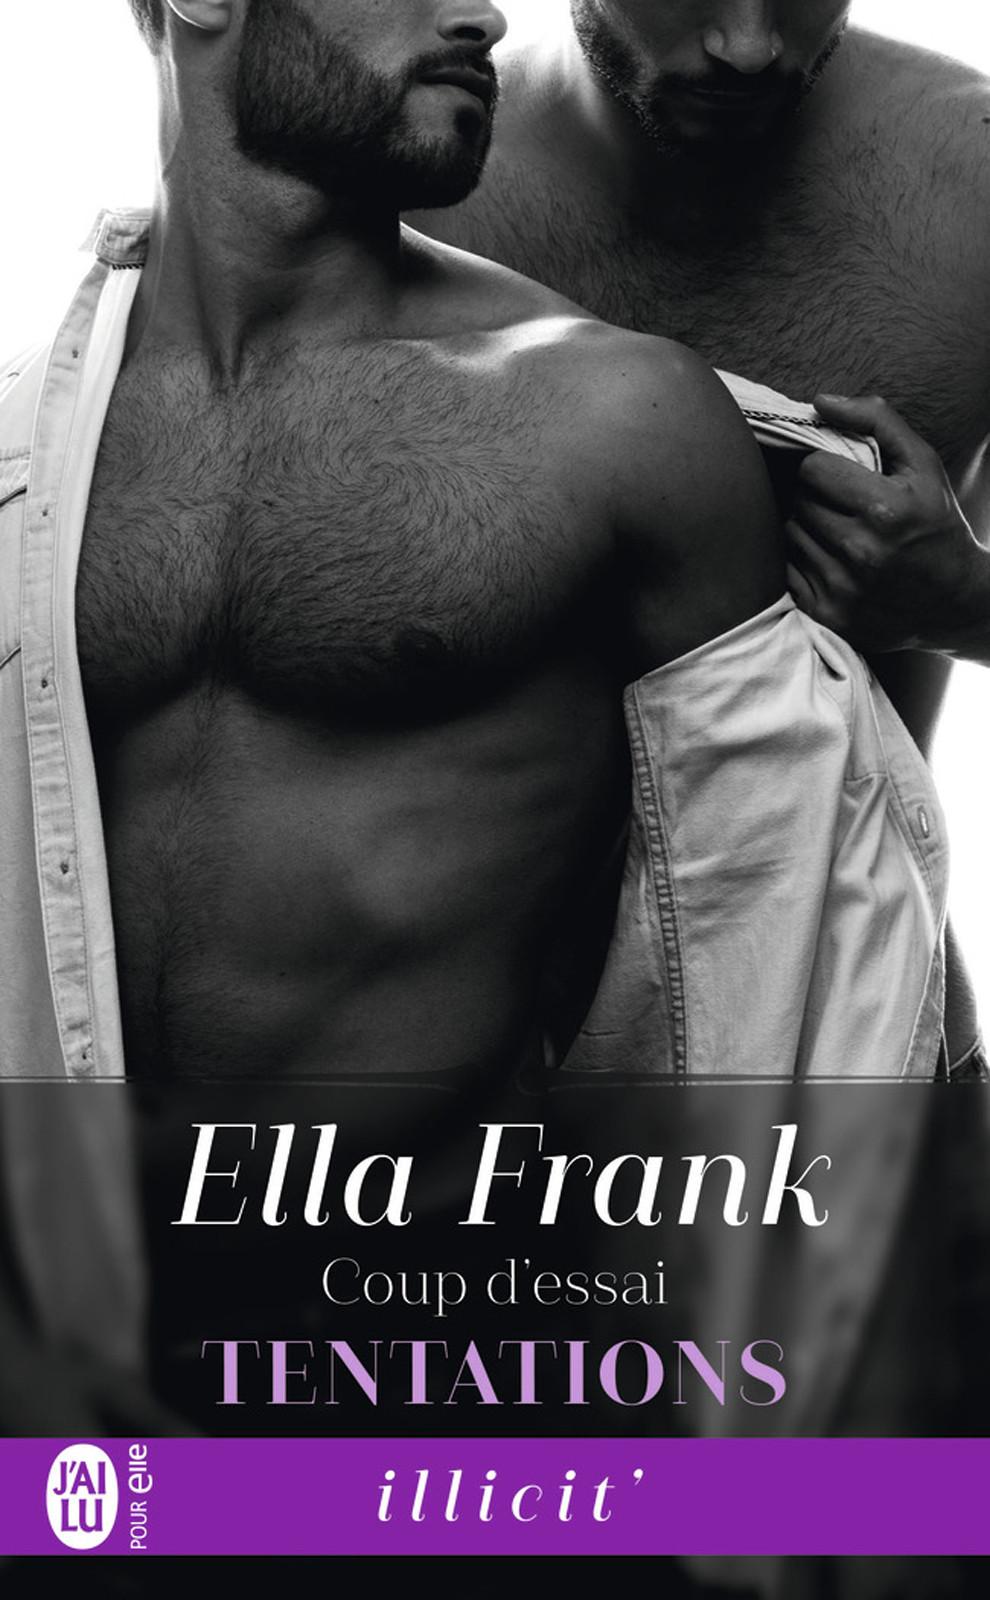 FRANK Ella - TENTATIONS - Tome 1 : Coup d'Essai Tentat10